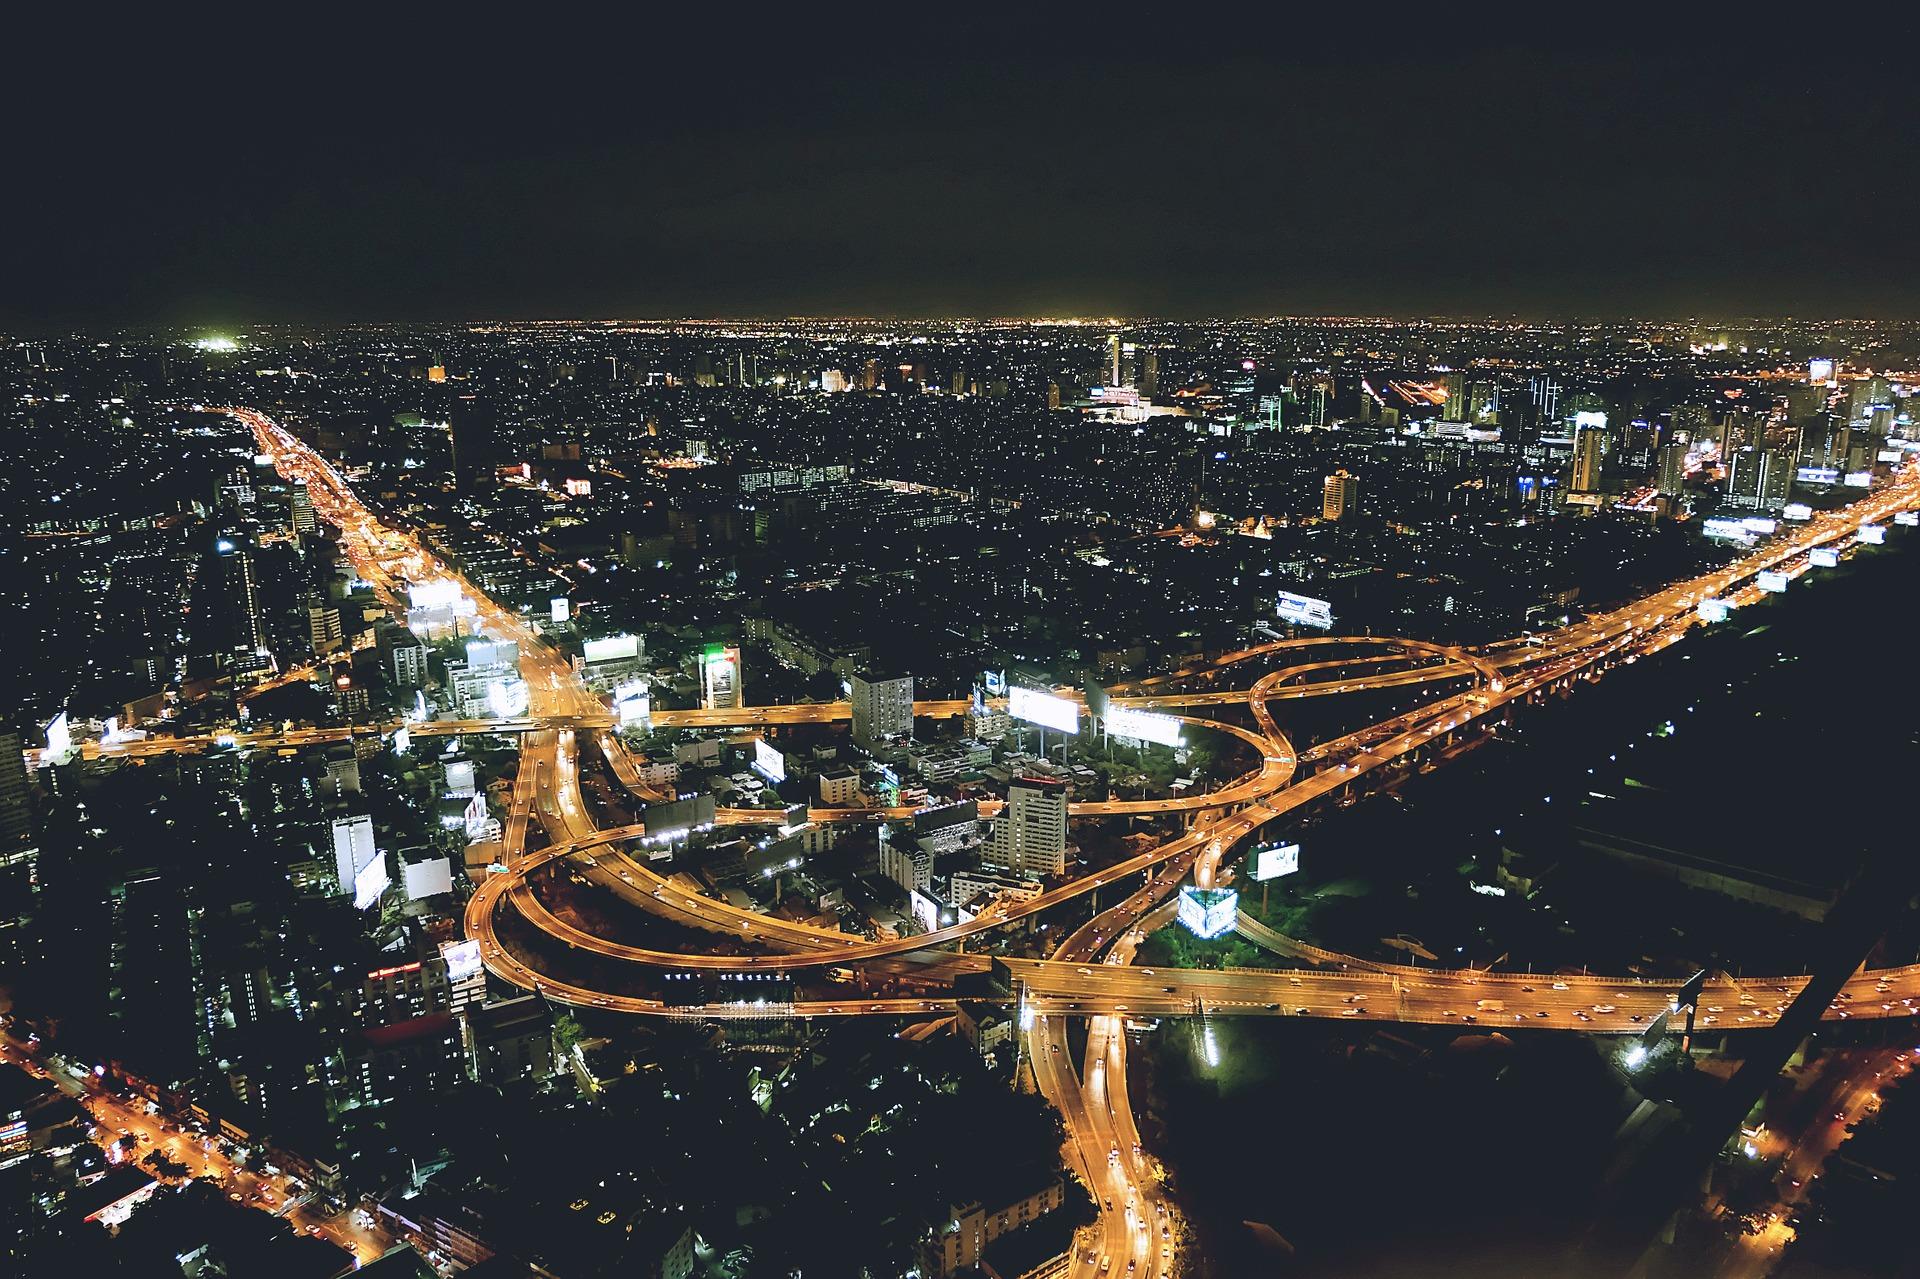 night-city-1149700_1920